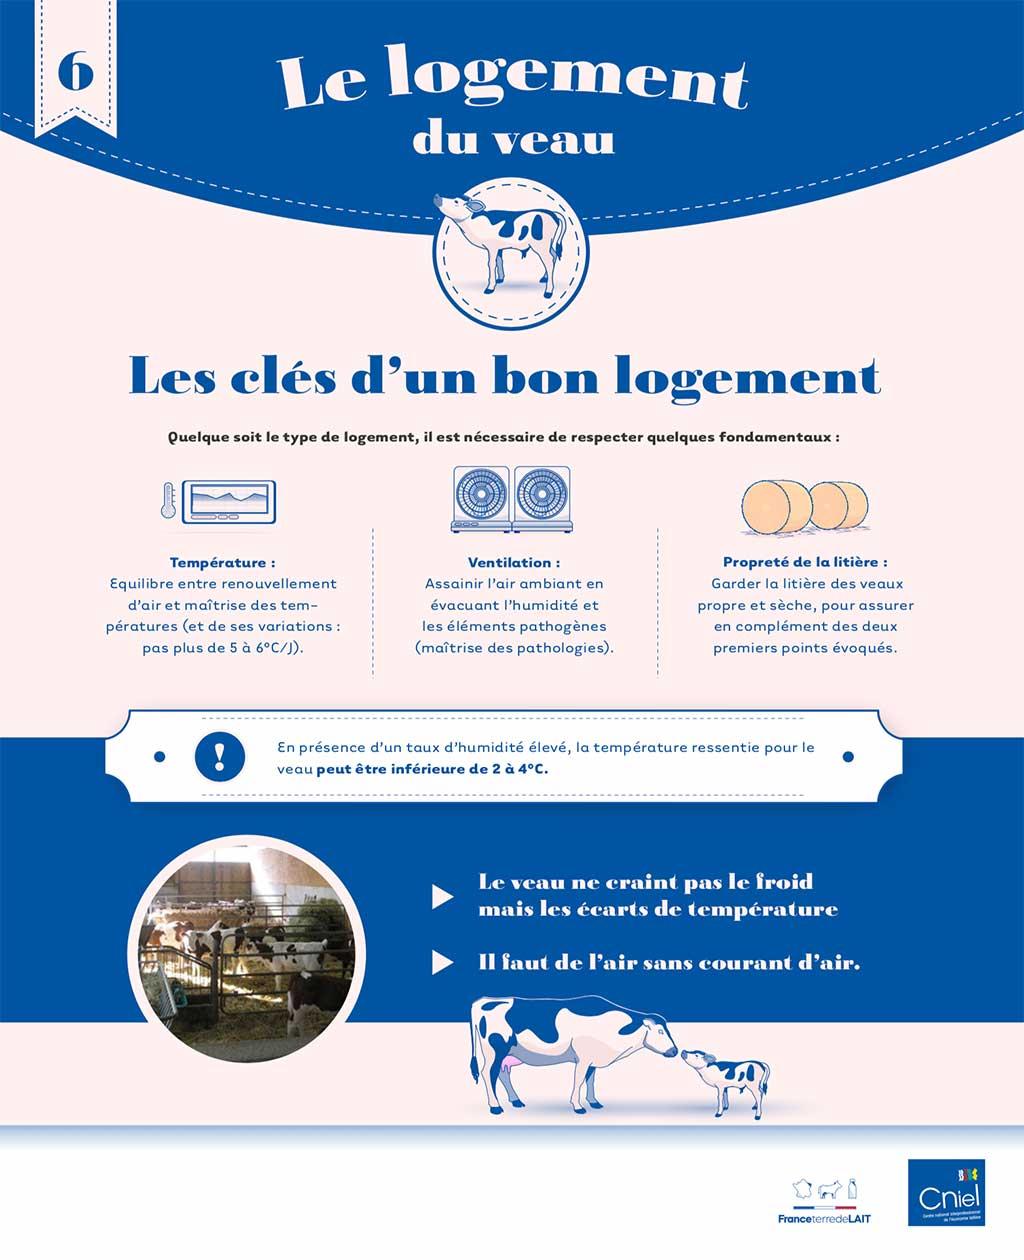 cniel infographie logement du veau